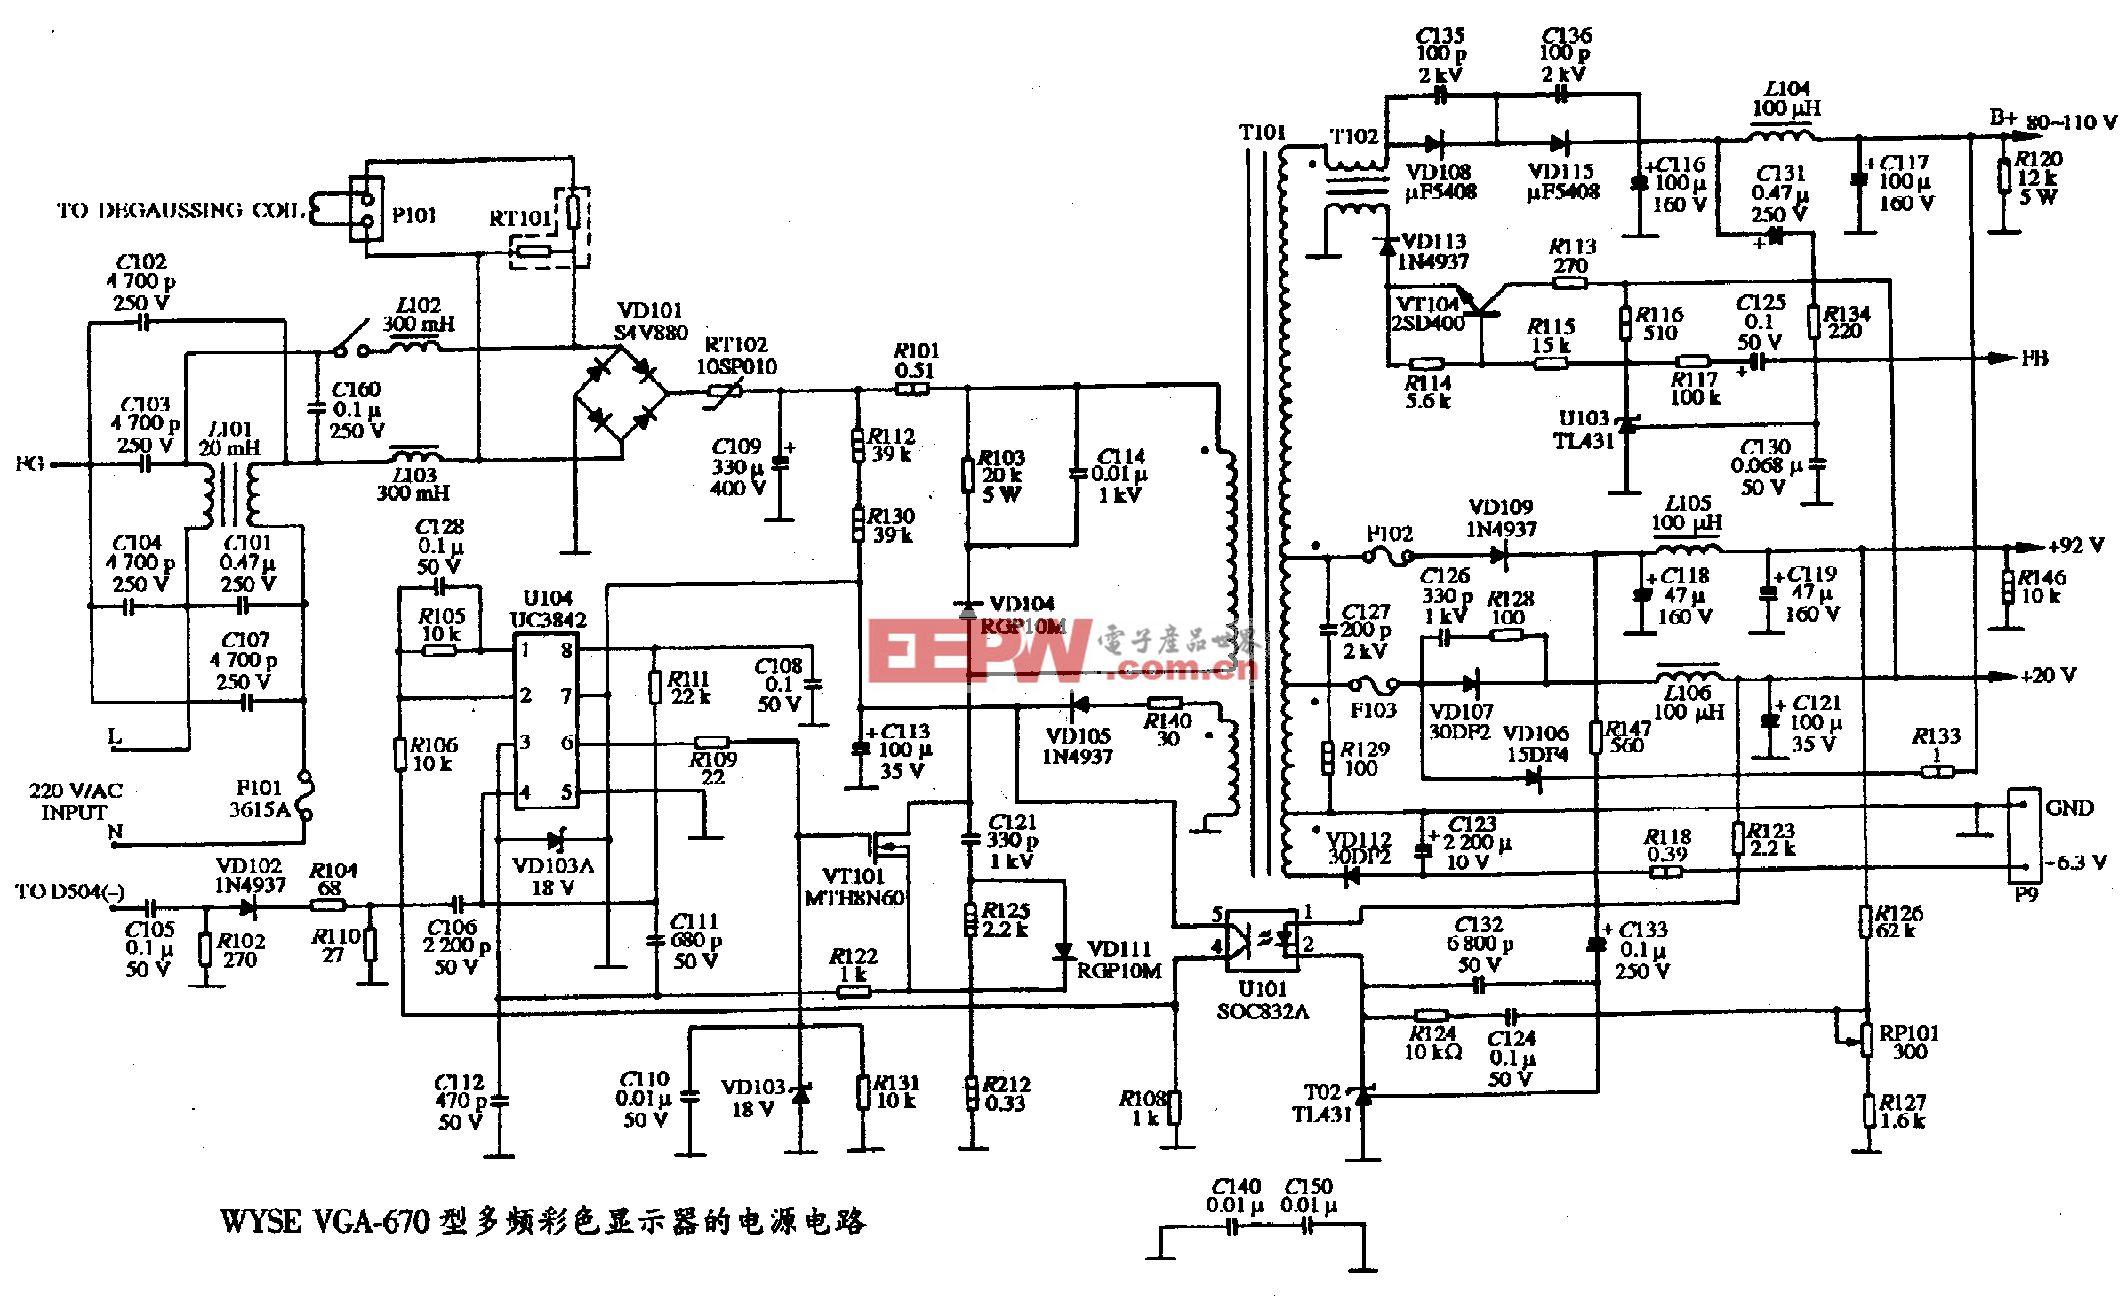 116、WYSE VGA-670型多频彩色显示器的电源电路图